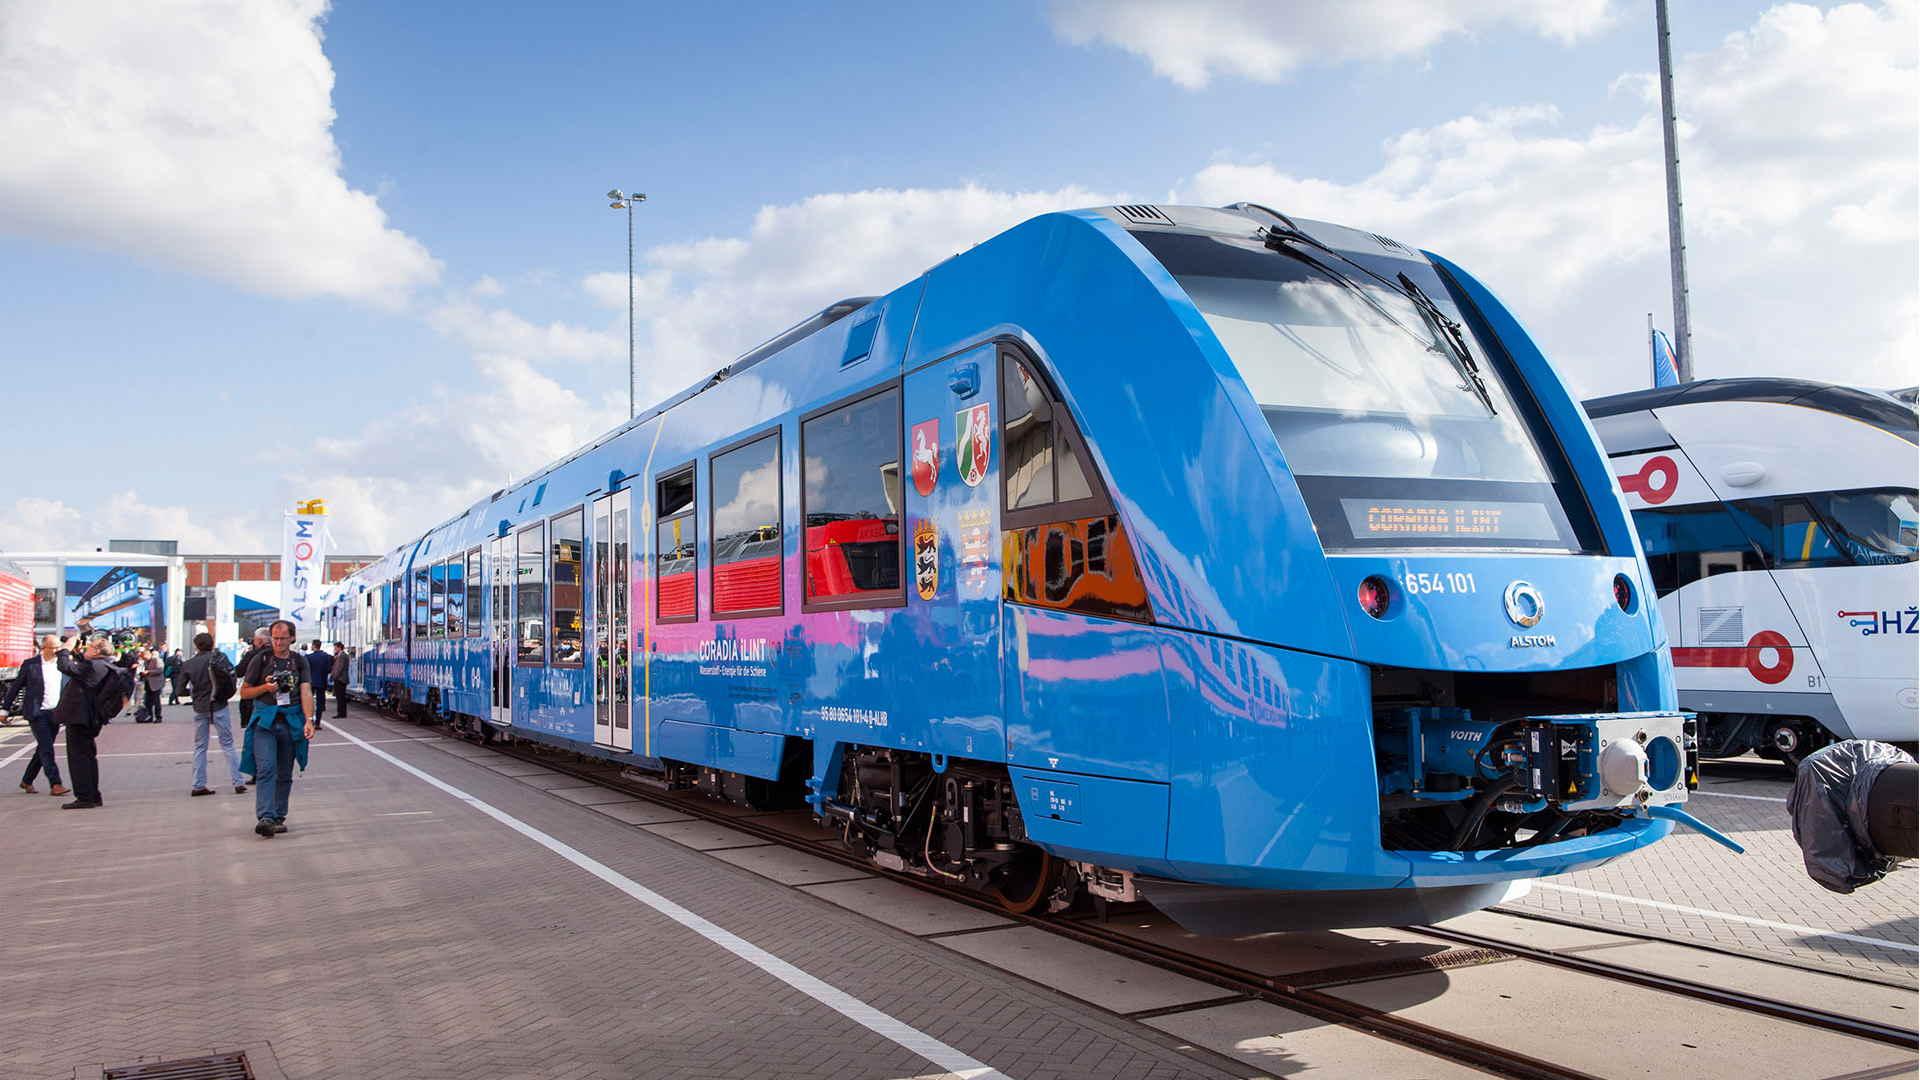 Alemania estrenará el primer tren impulsado con hidrógeno, el cual no emite gases de invernadero